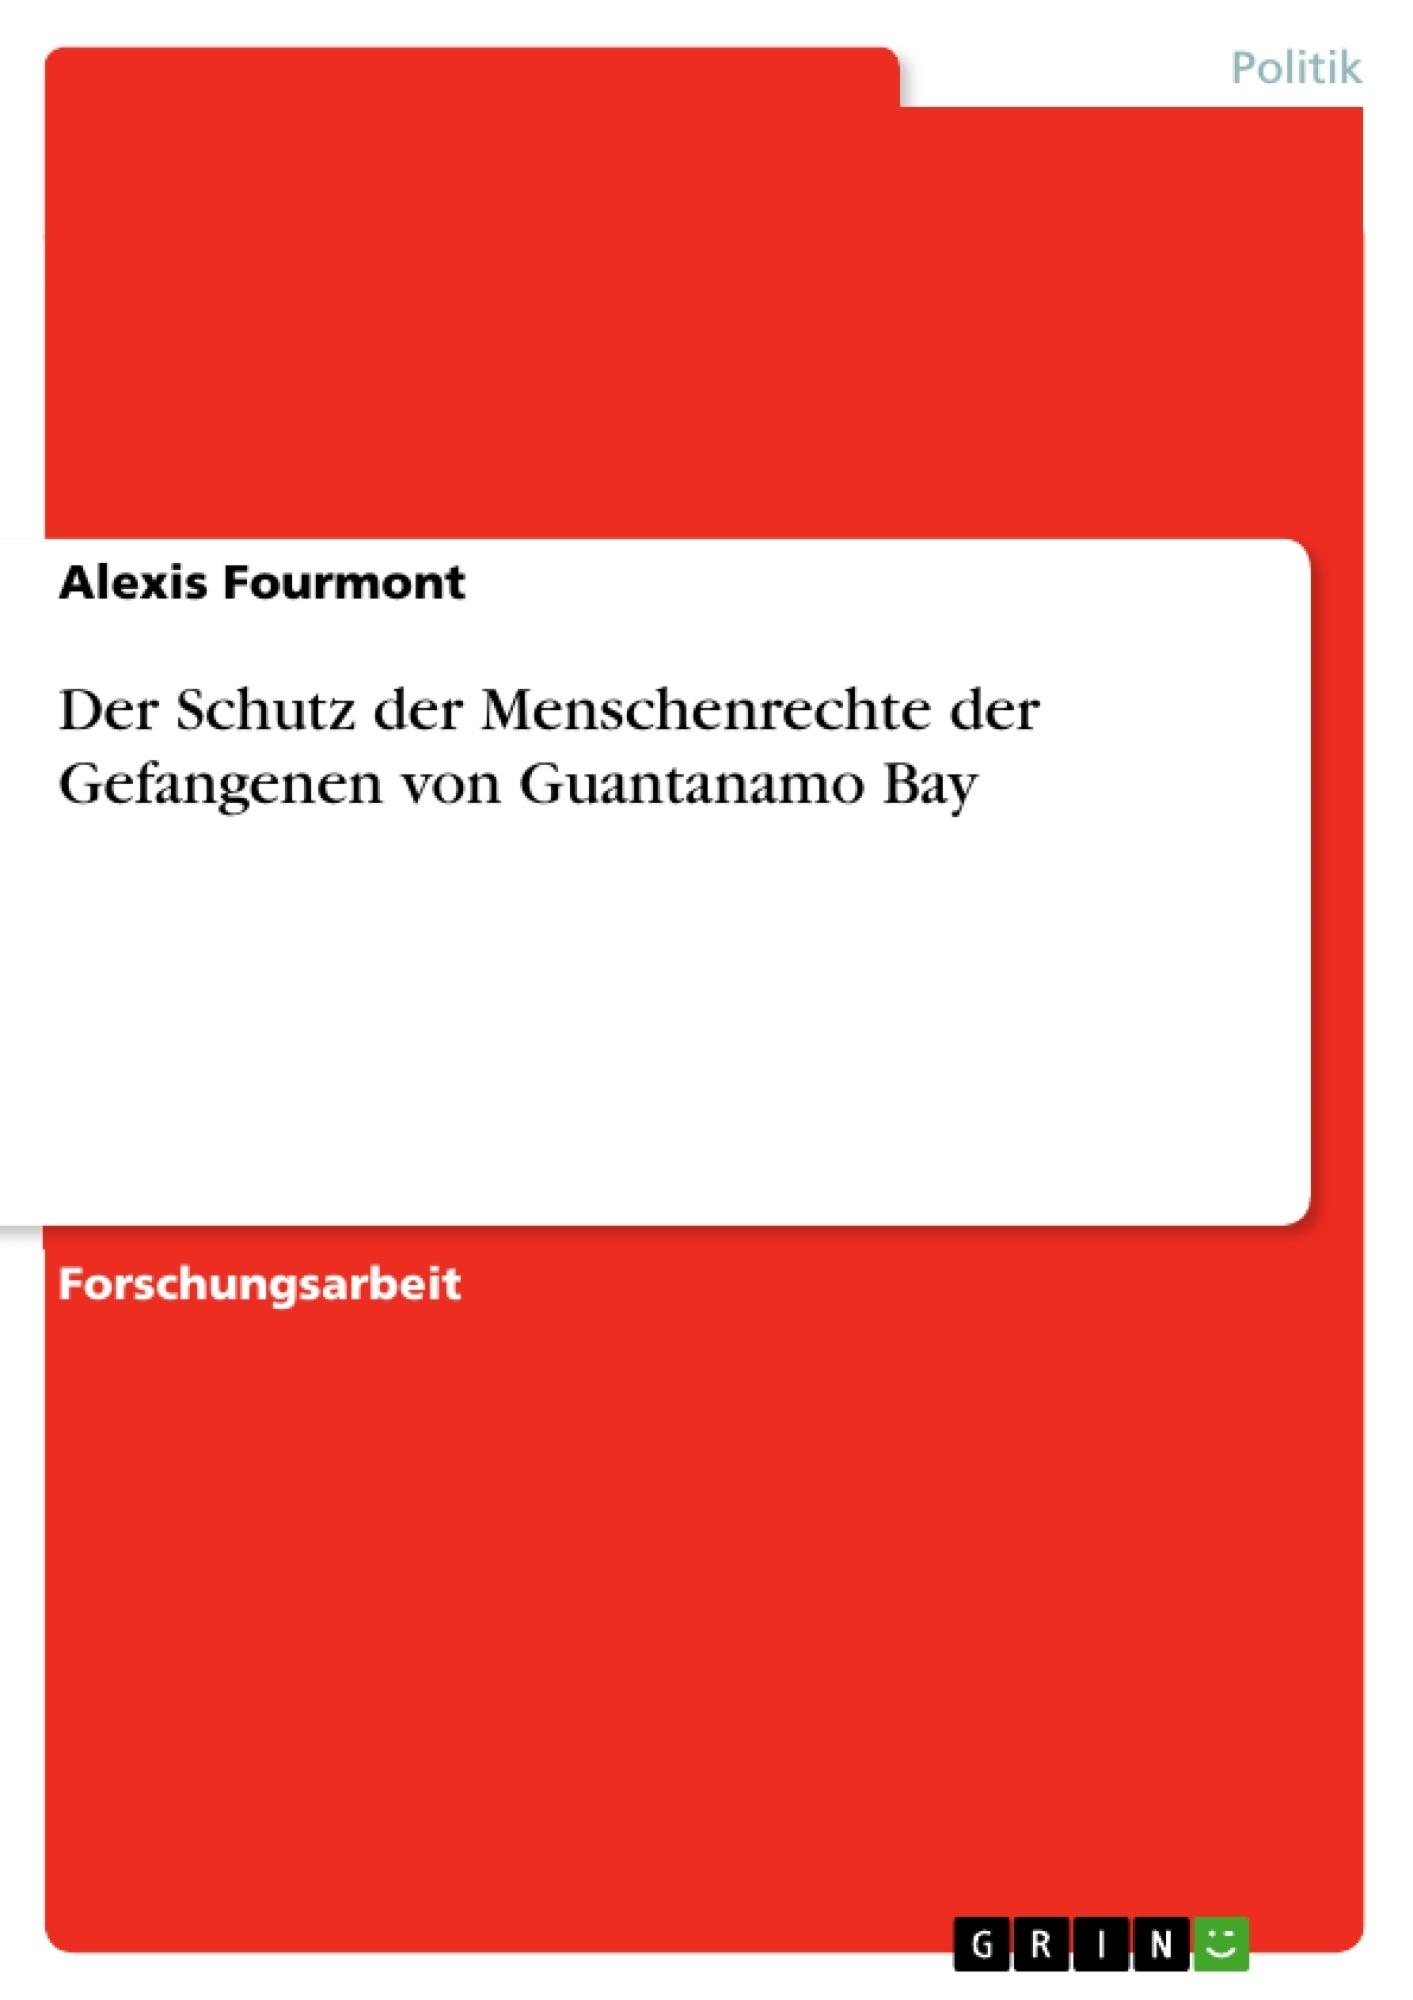 Titel: Der Schutz der Menschenrechte der Gefangenen von Guantanamo Bay